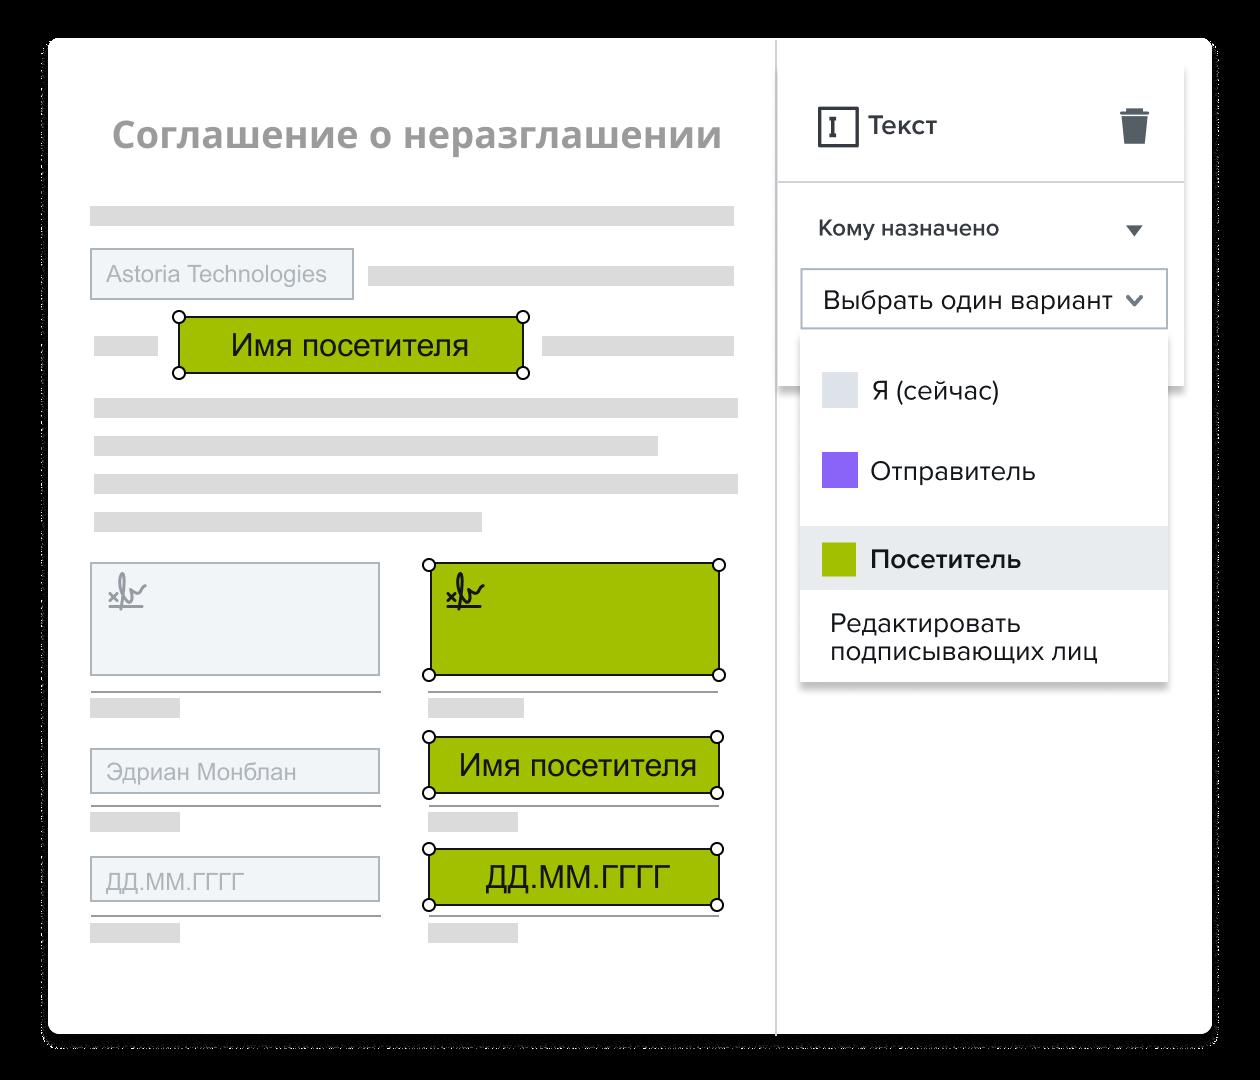 Скриншот поля для подписи, созданного с помощью редактора шаблонов HelloSign